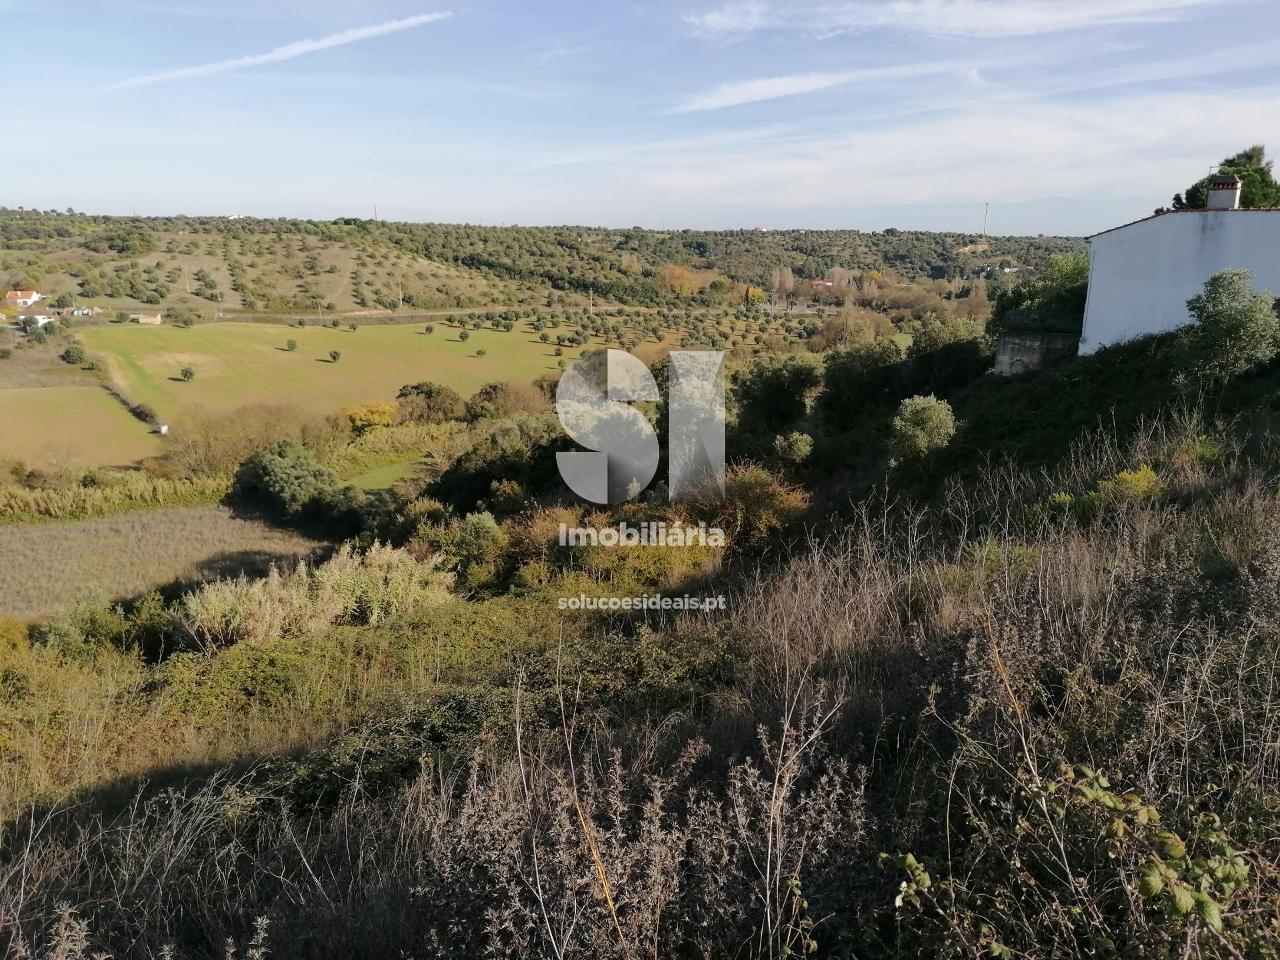 terreno t0 para compra em torres novas uniao das freguesias de torres novas sao pedro lapas e ribeira branca TNVPS4